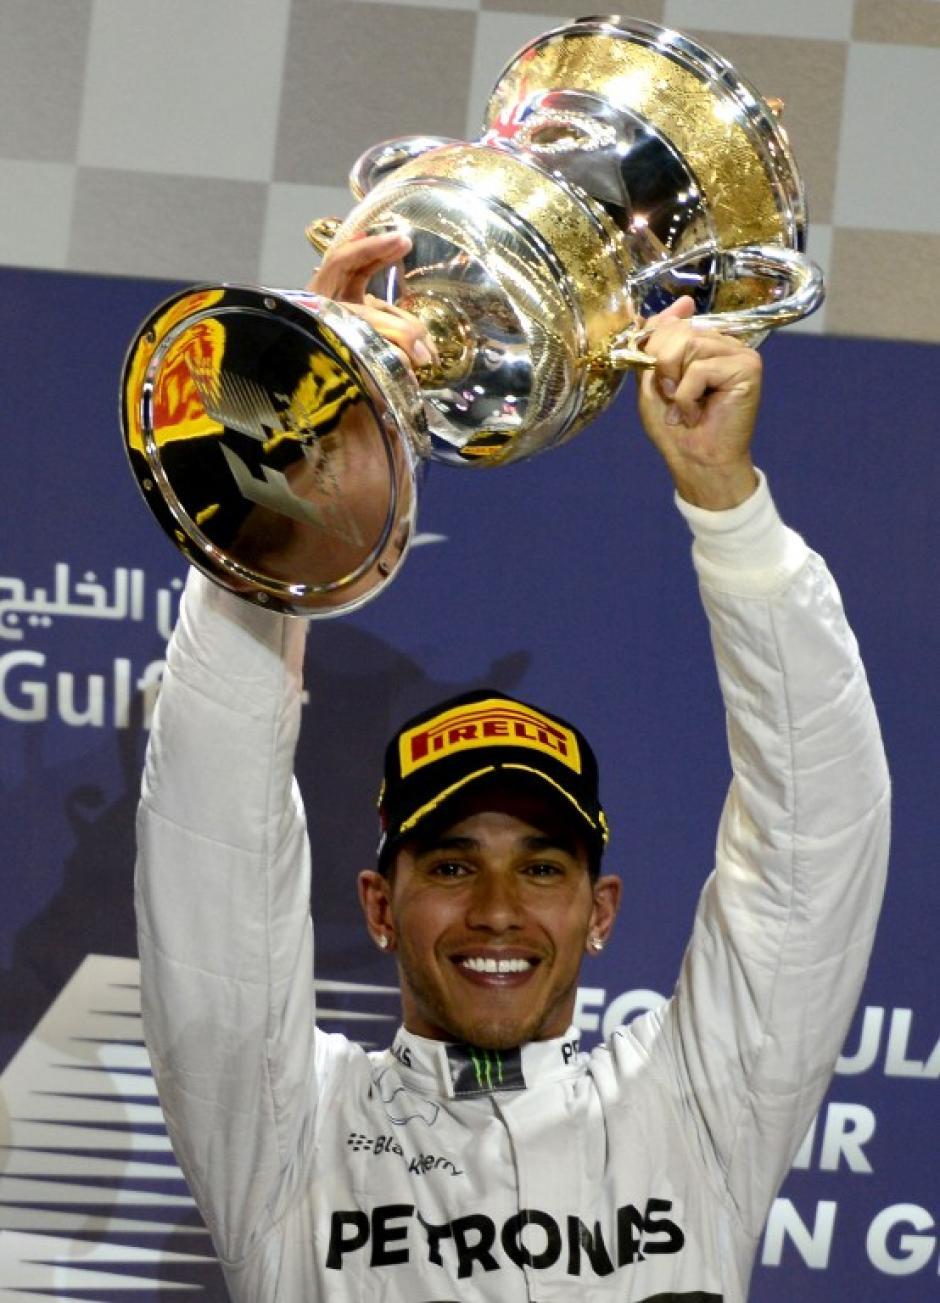 Hamilton celebró el primer lugar en Baréin. (Foto: AFP)